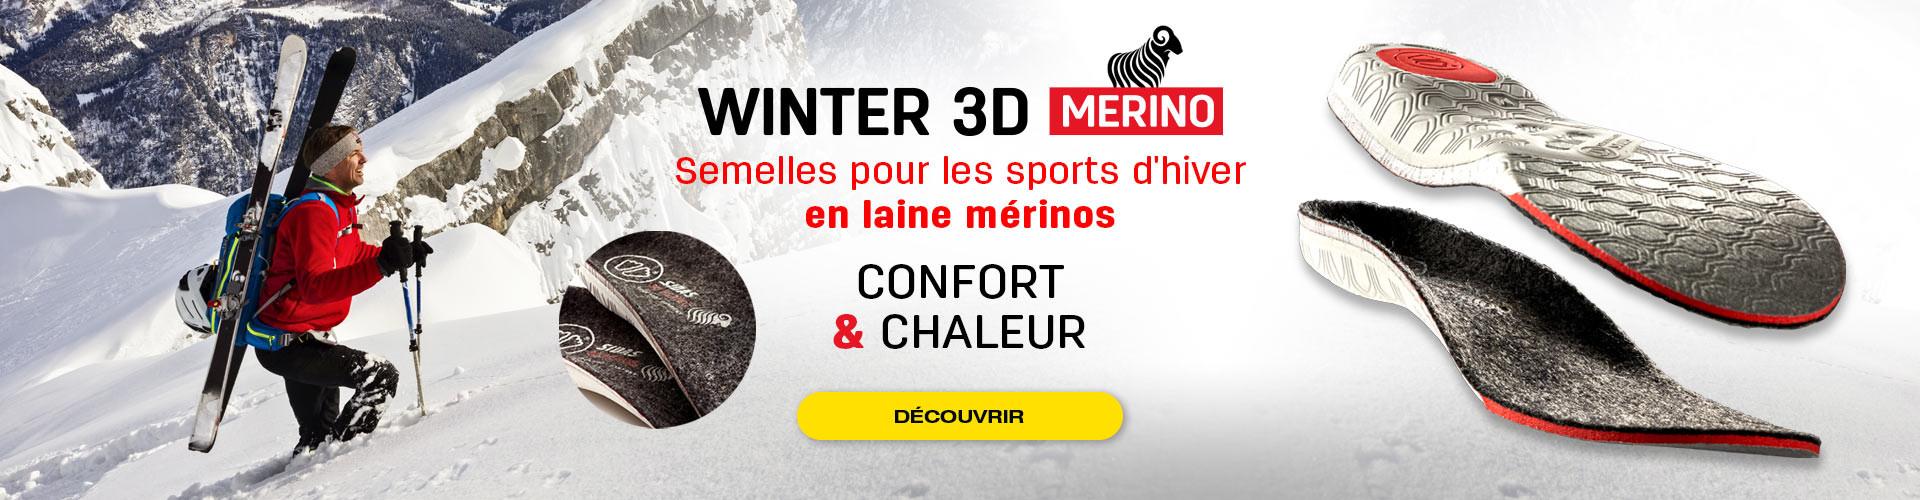 Confort et isolation des pieds pour les sports d'hiver